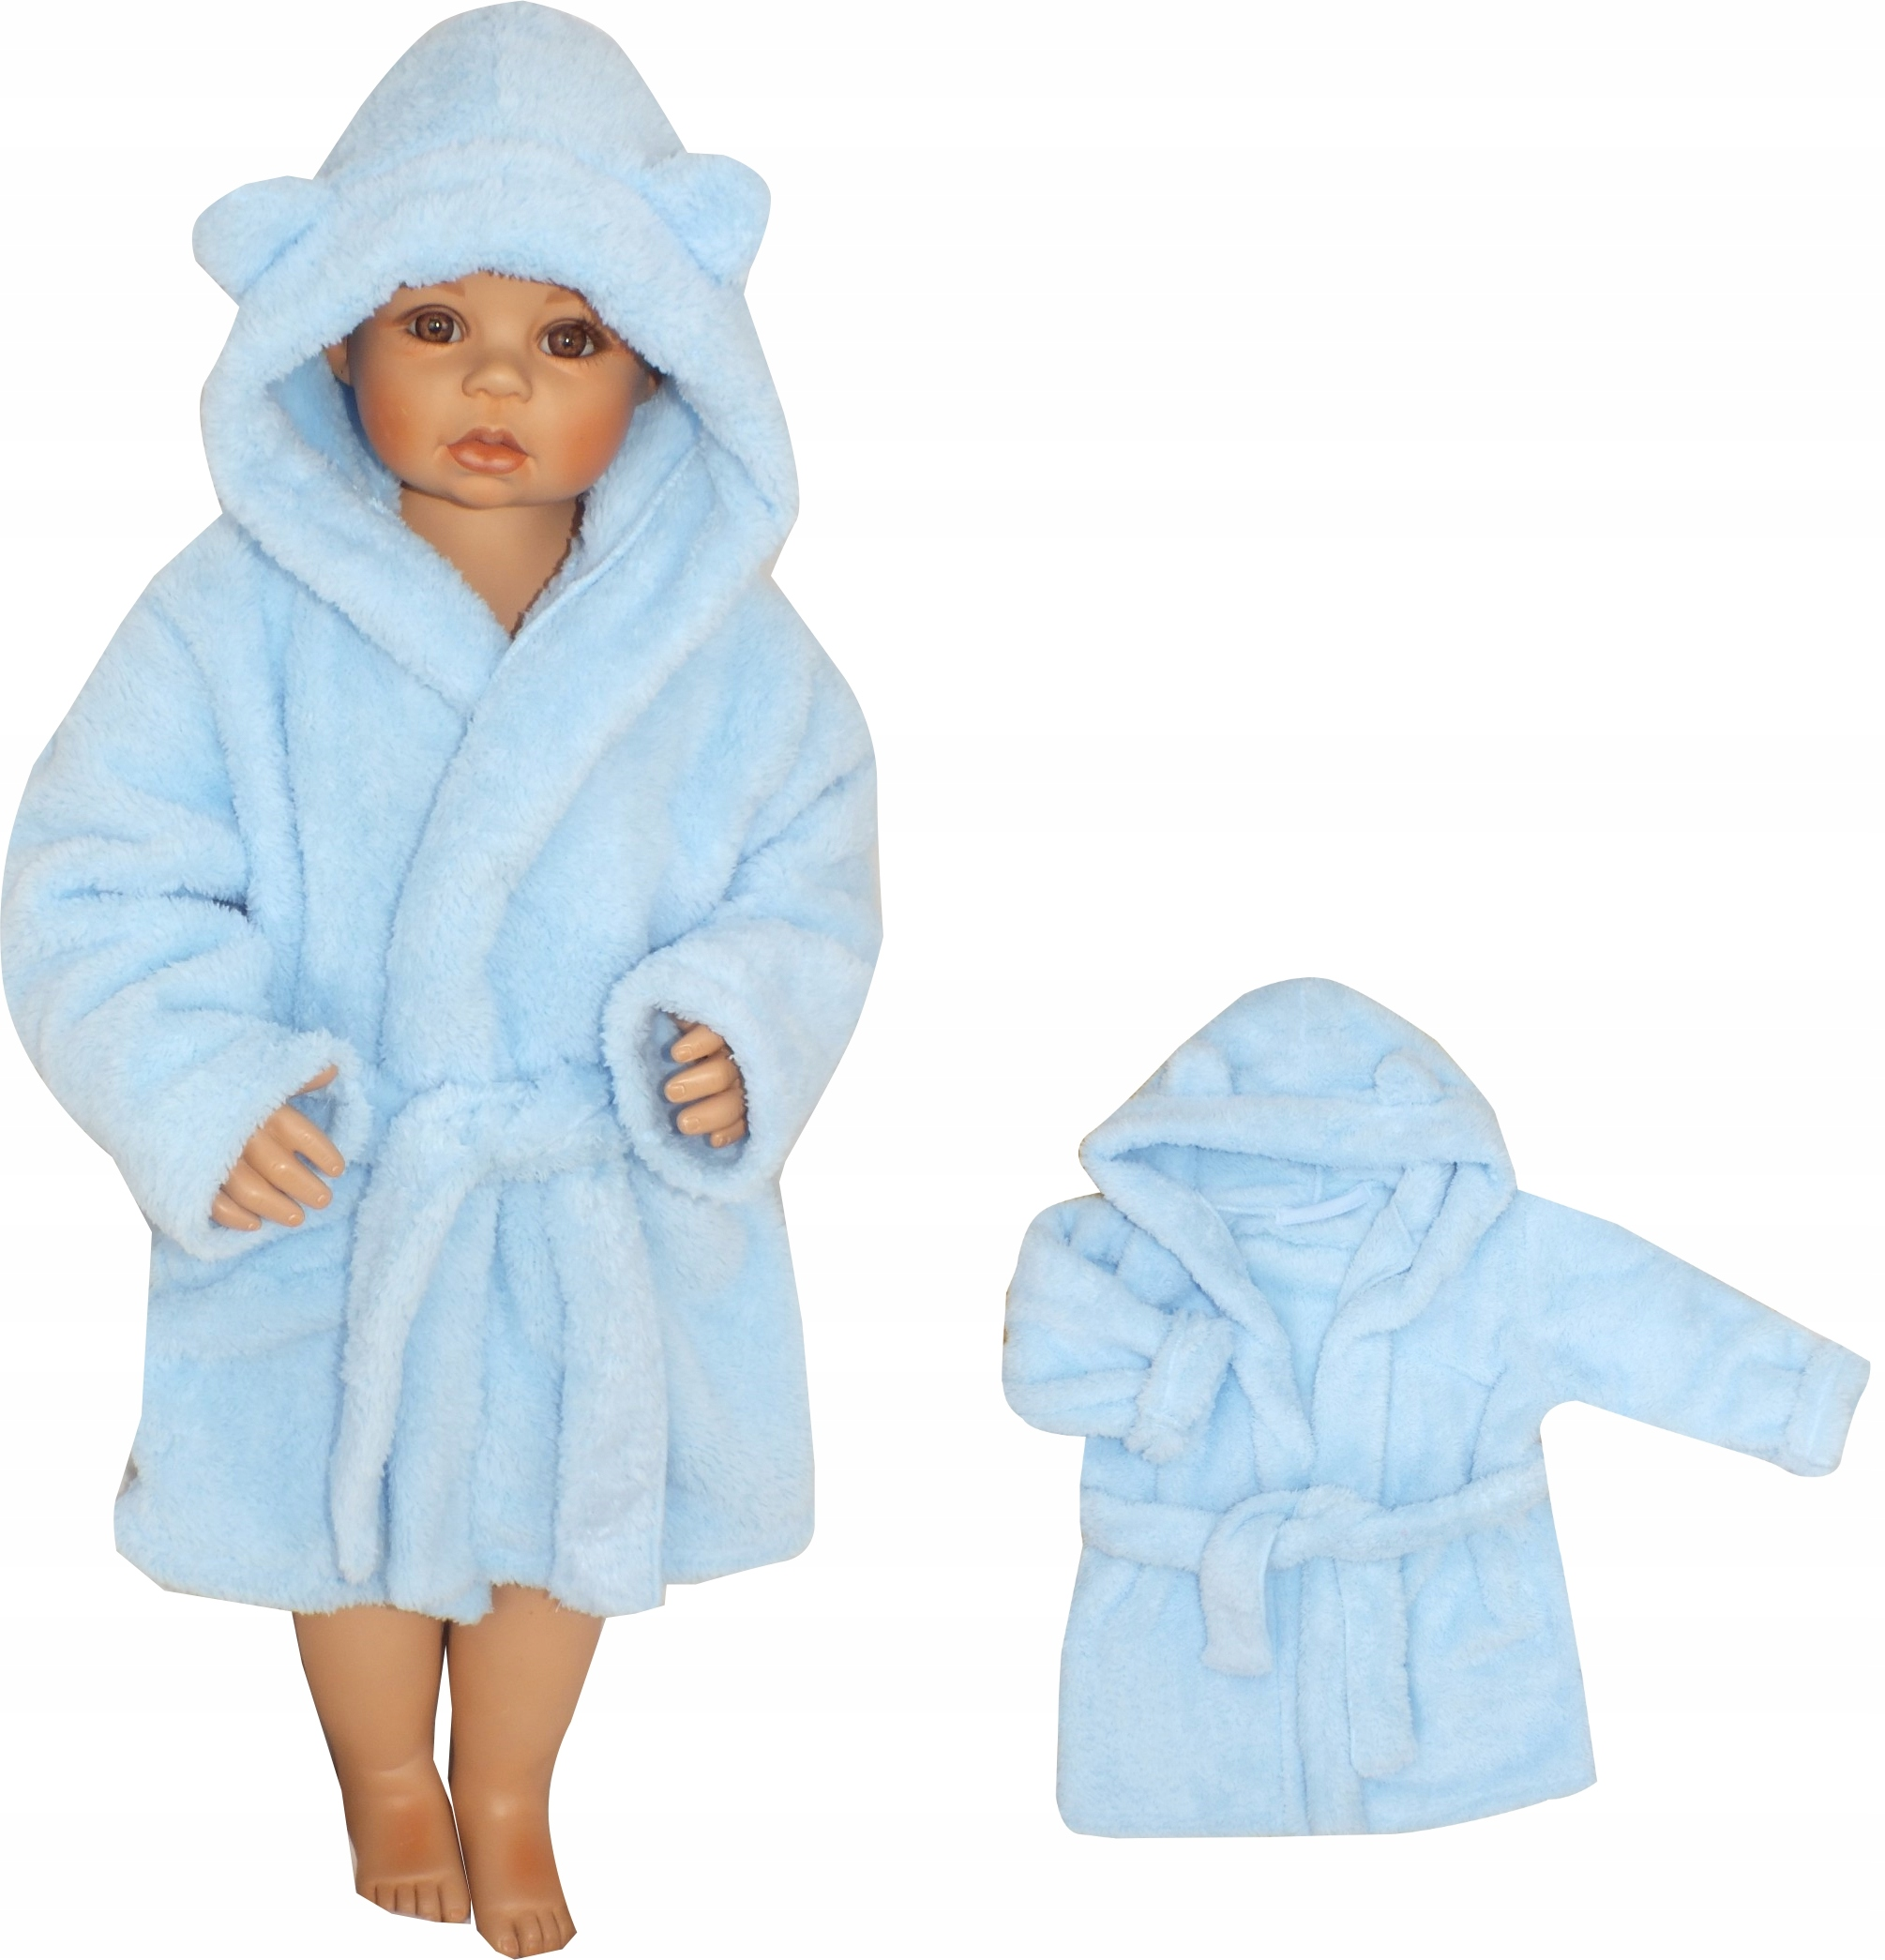 cb8546a1e618be Szlafrok dziecięcy niemowlęcy ciepły misiowy 98 7581098444 - Allegro.pl